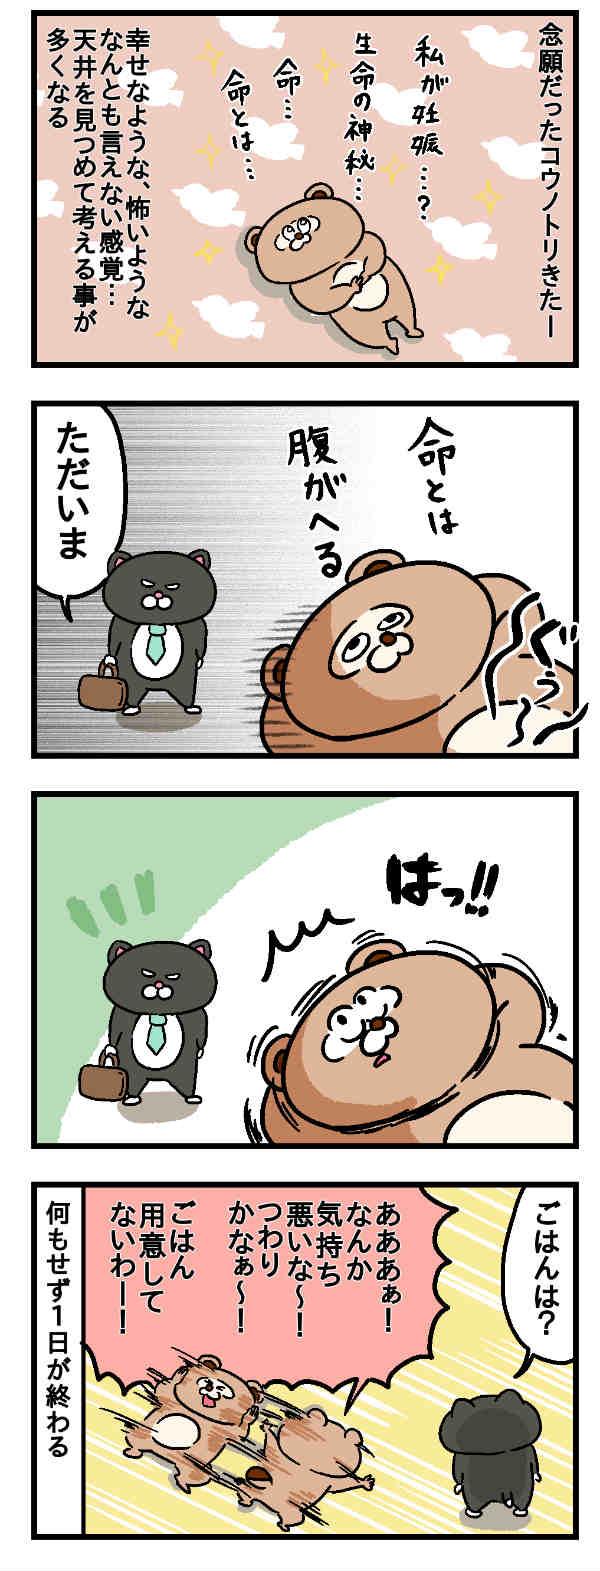 ねこたぬのはじめて育児/第一話2